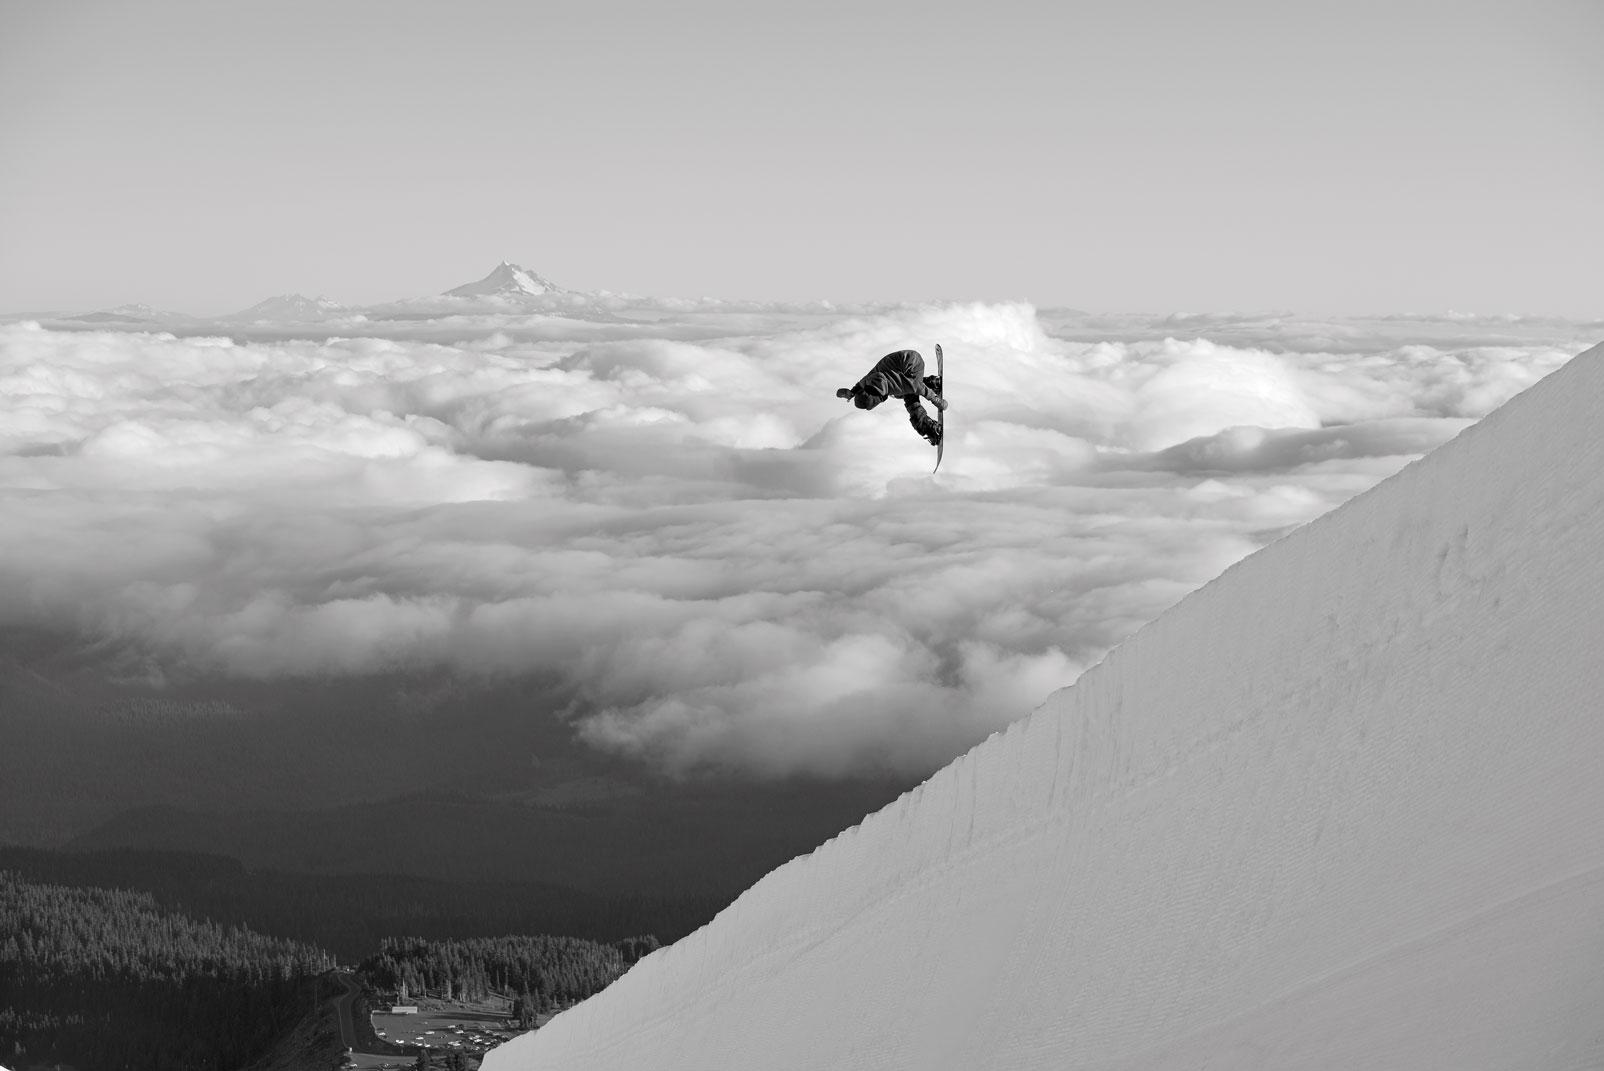 夢の舞台に立ち、そこで繰り広げられるであろう激戦を制し、そして誰よりも高い位置でセレモニーに参加する歩夢の姿が今から待ち遠しい Location: Mt.Hood, Orecon, USA Photo: Rob Mathis